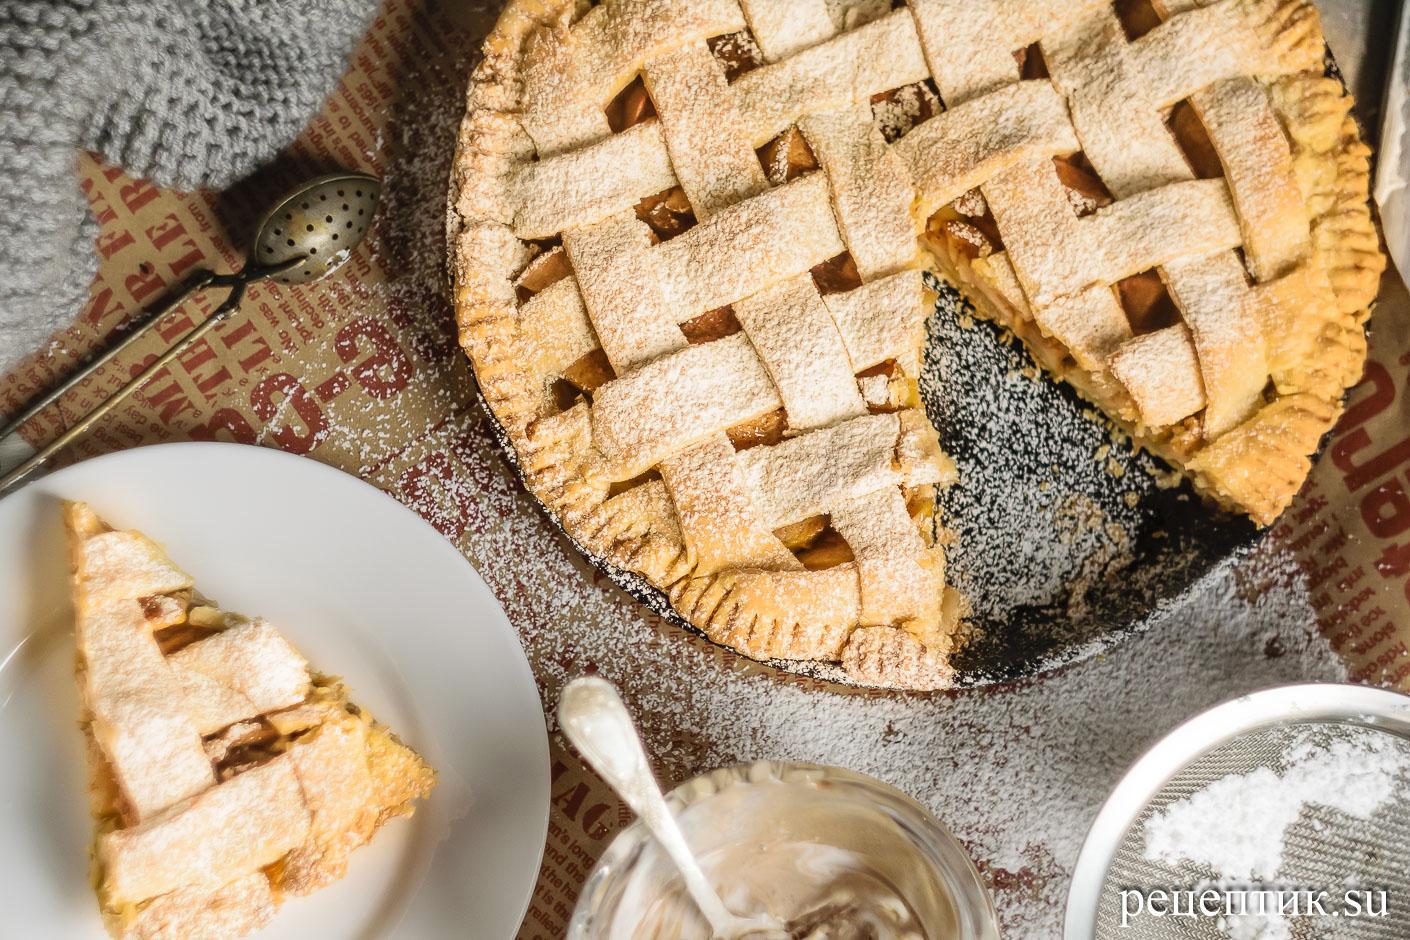 Яблочный пирог с решеткой из песочного теста - рецепт с фото